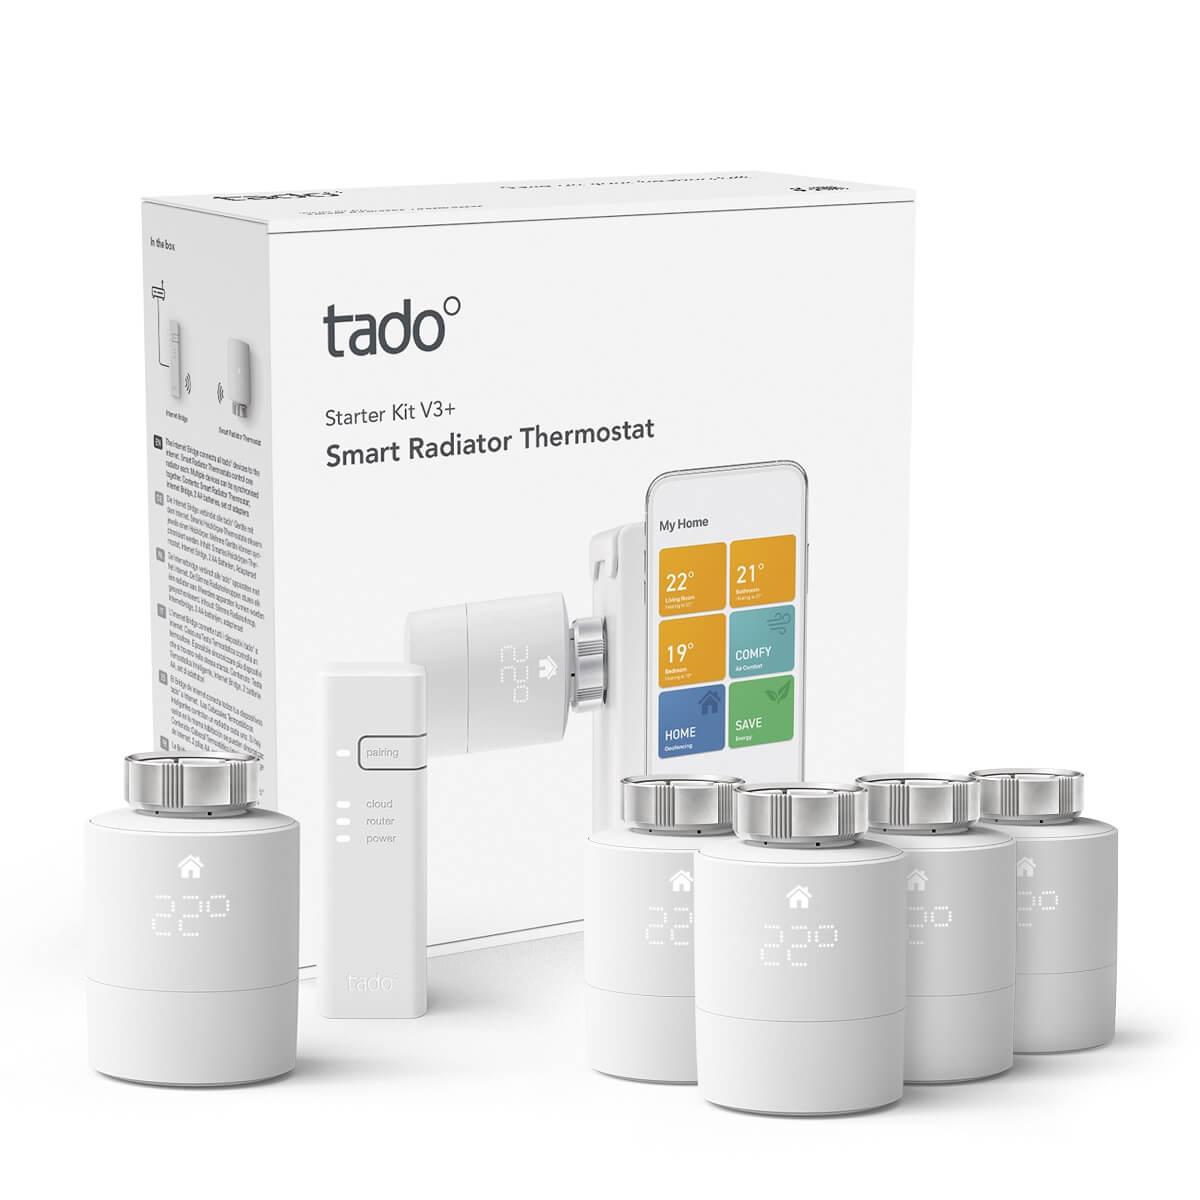 tado° Smartes Heizkörper-Thermostat Starter Set V3+ inkl Bridge + Viererpack Heizkörperstellantriebe